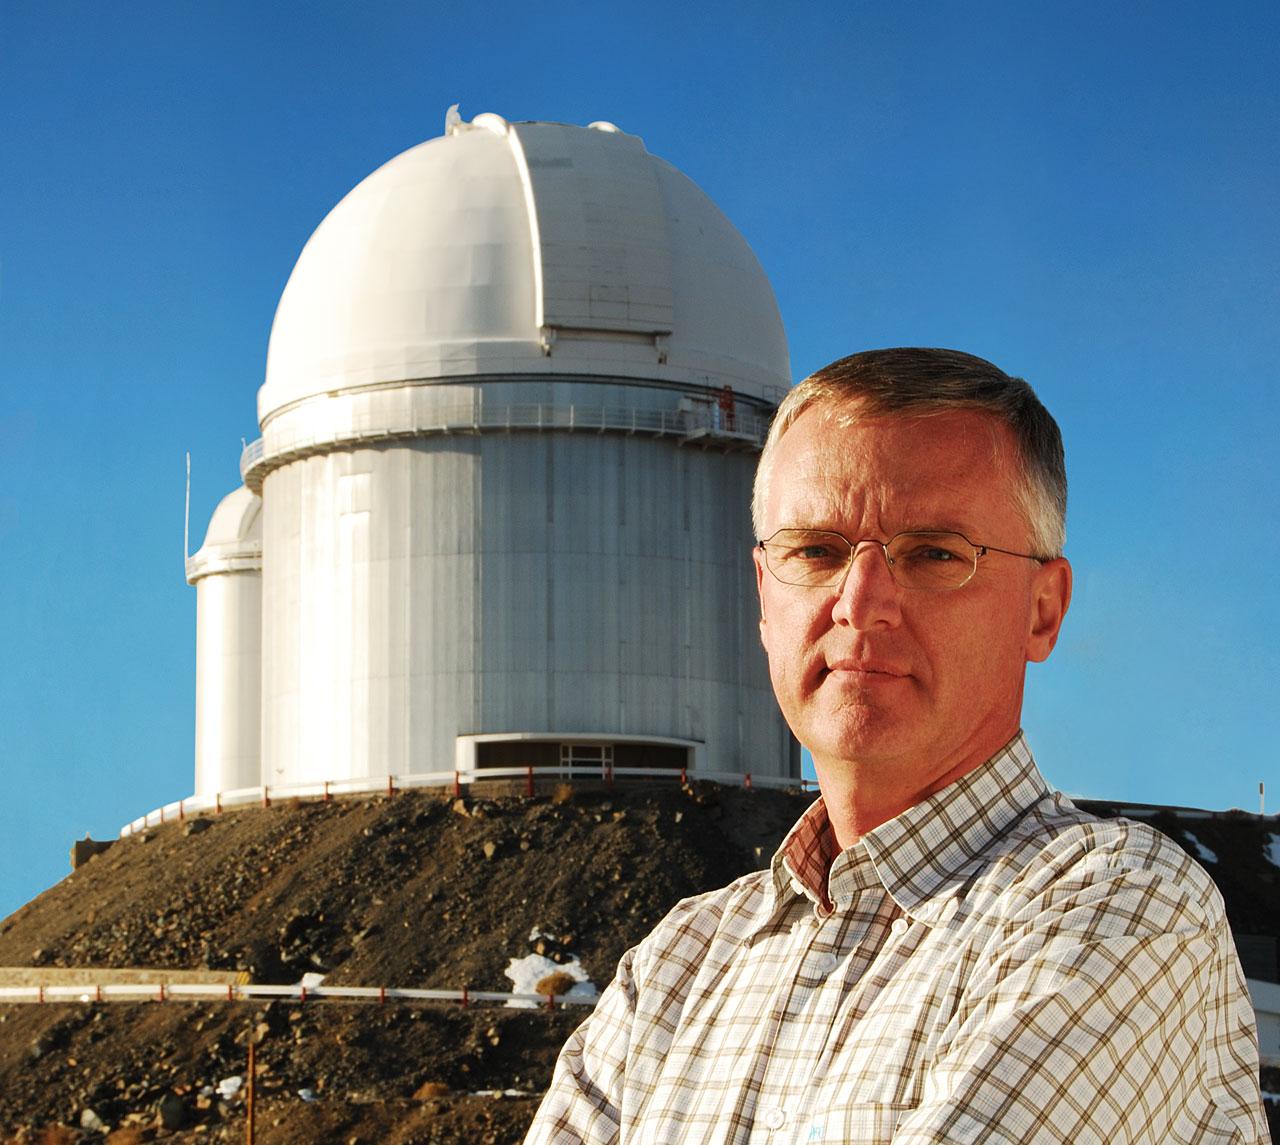 Prof. Tim de Zeeuw visiting La Silla Observatory